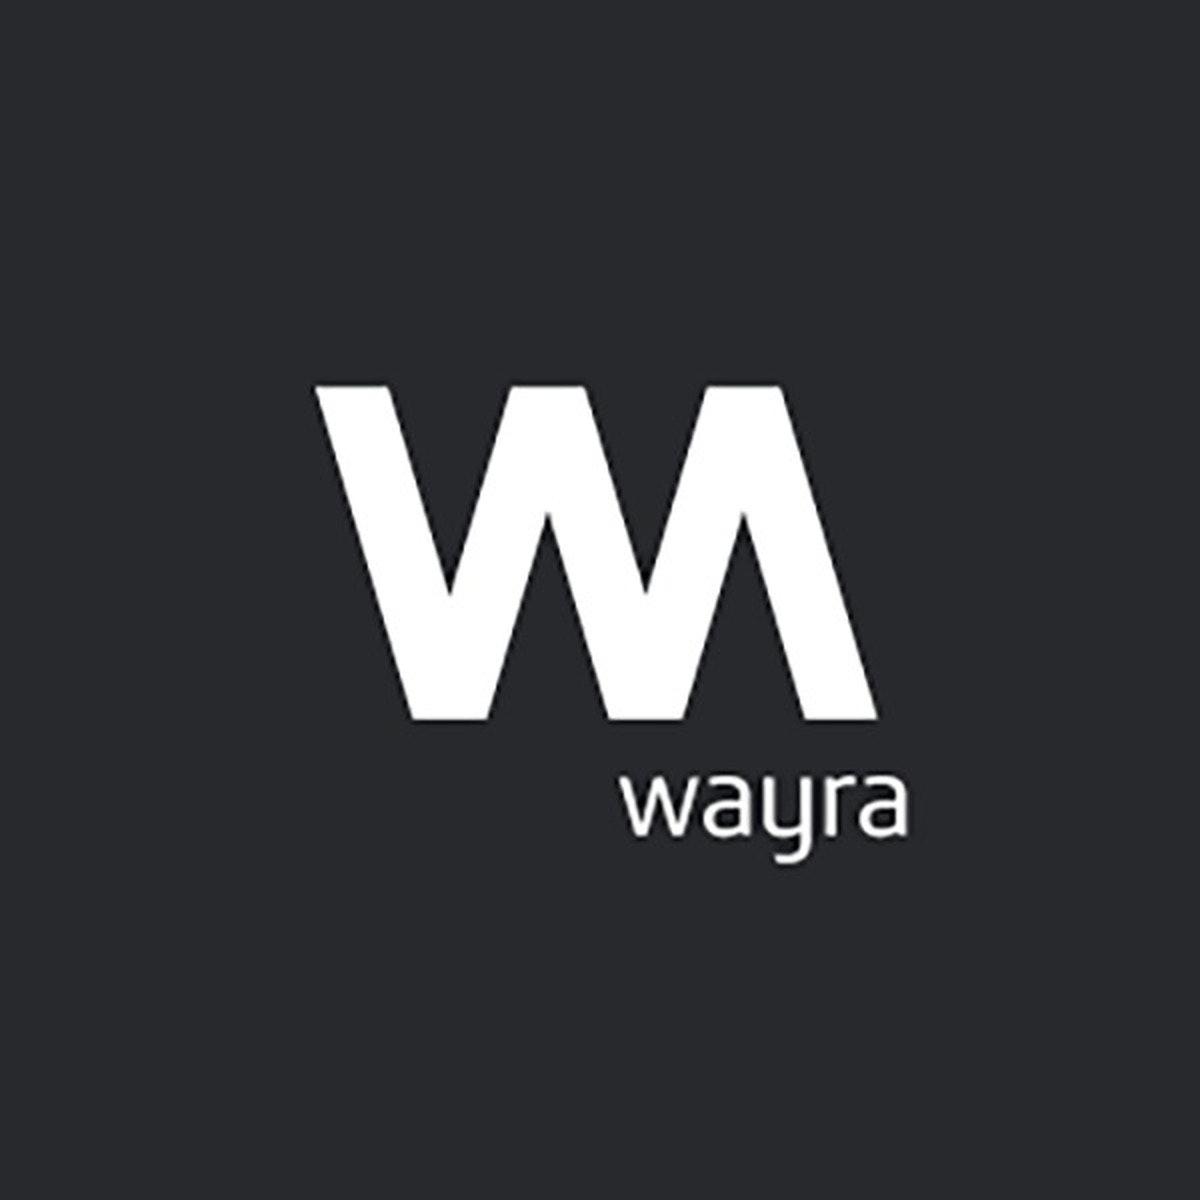 Wayra Deutschland GmbH